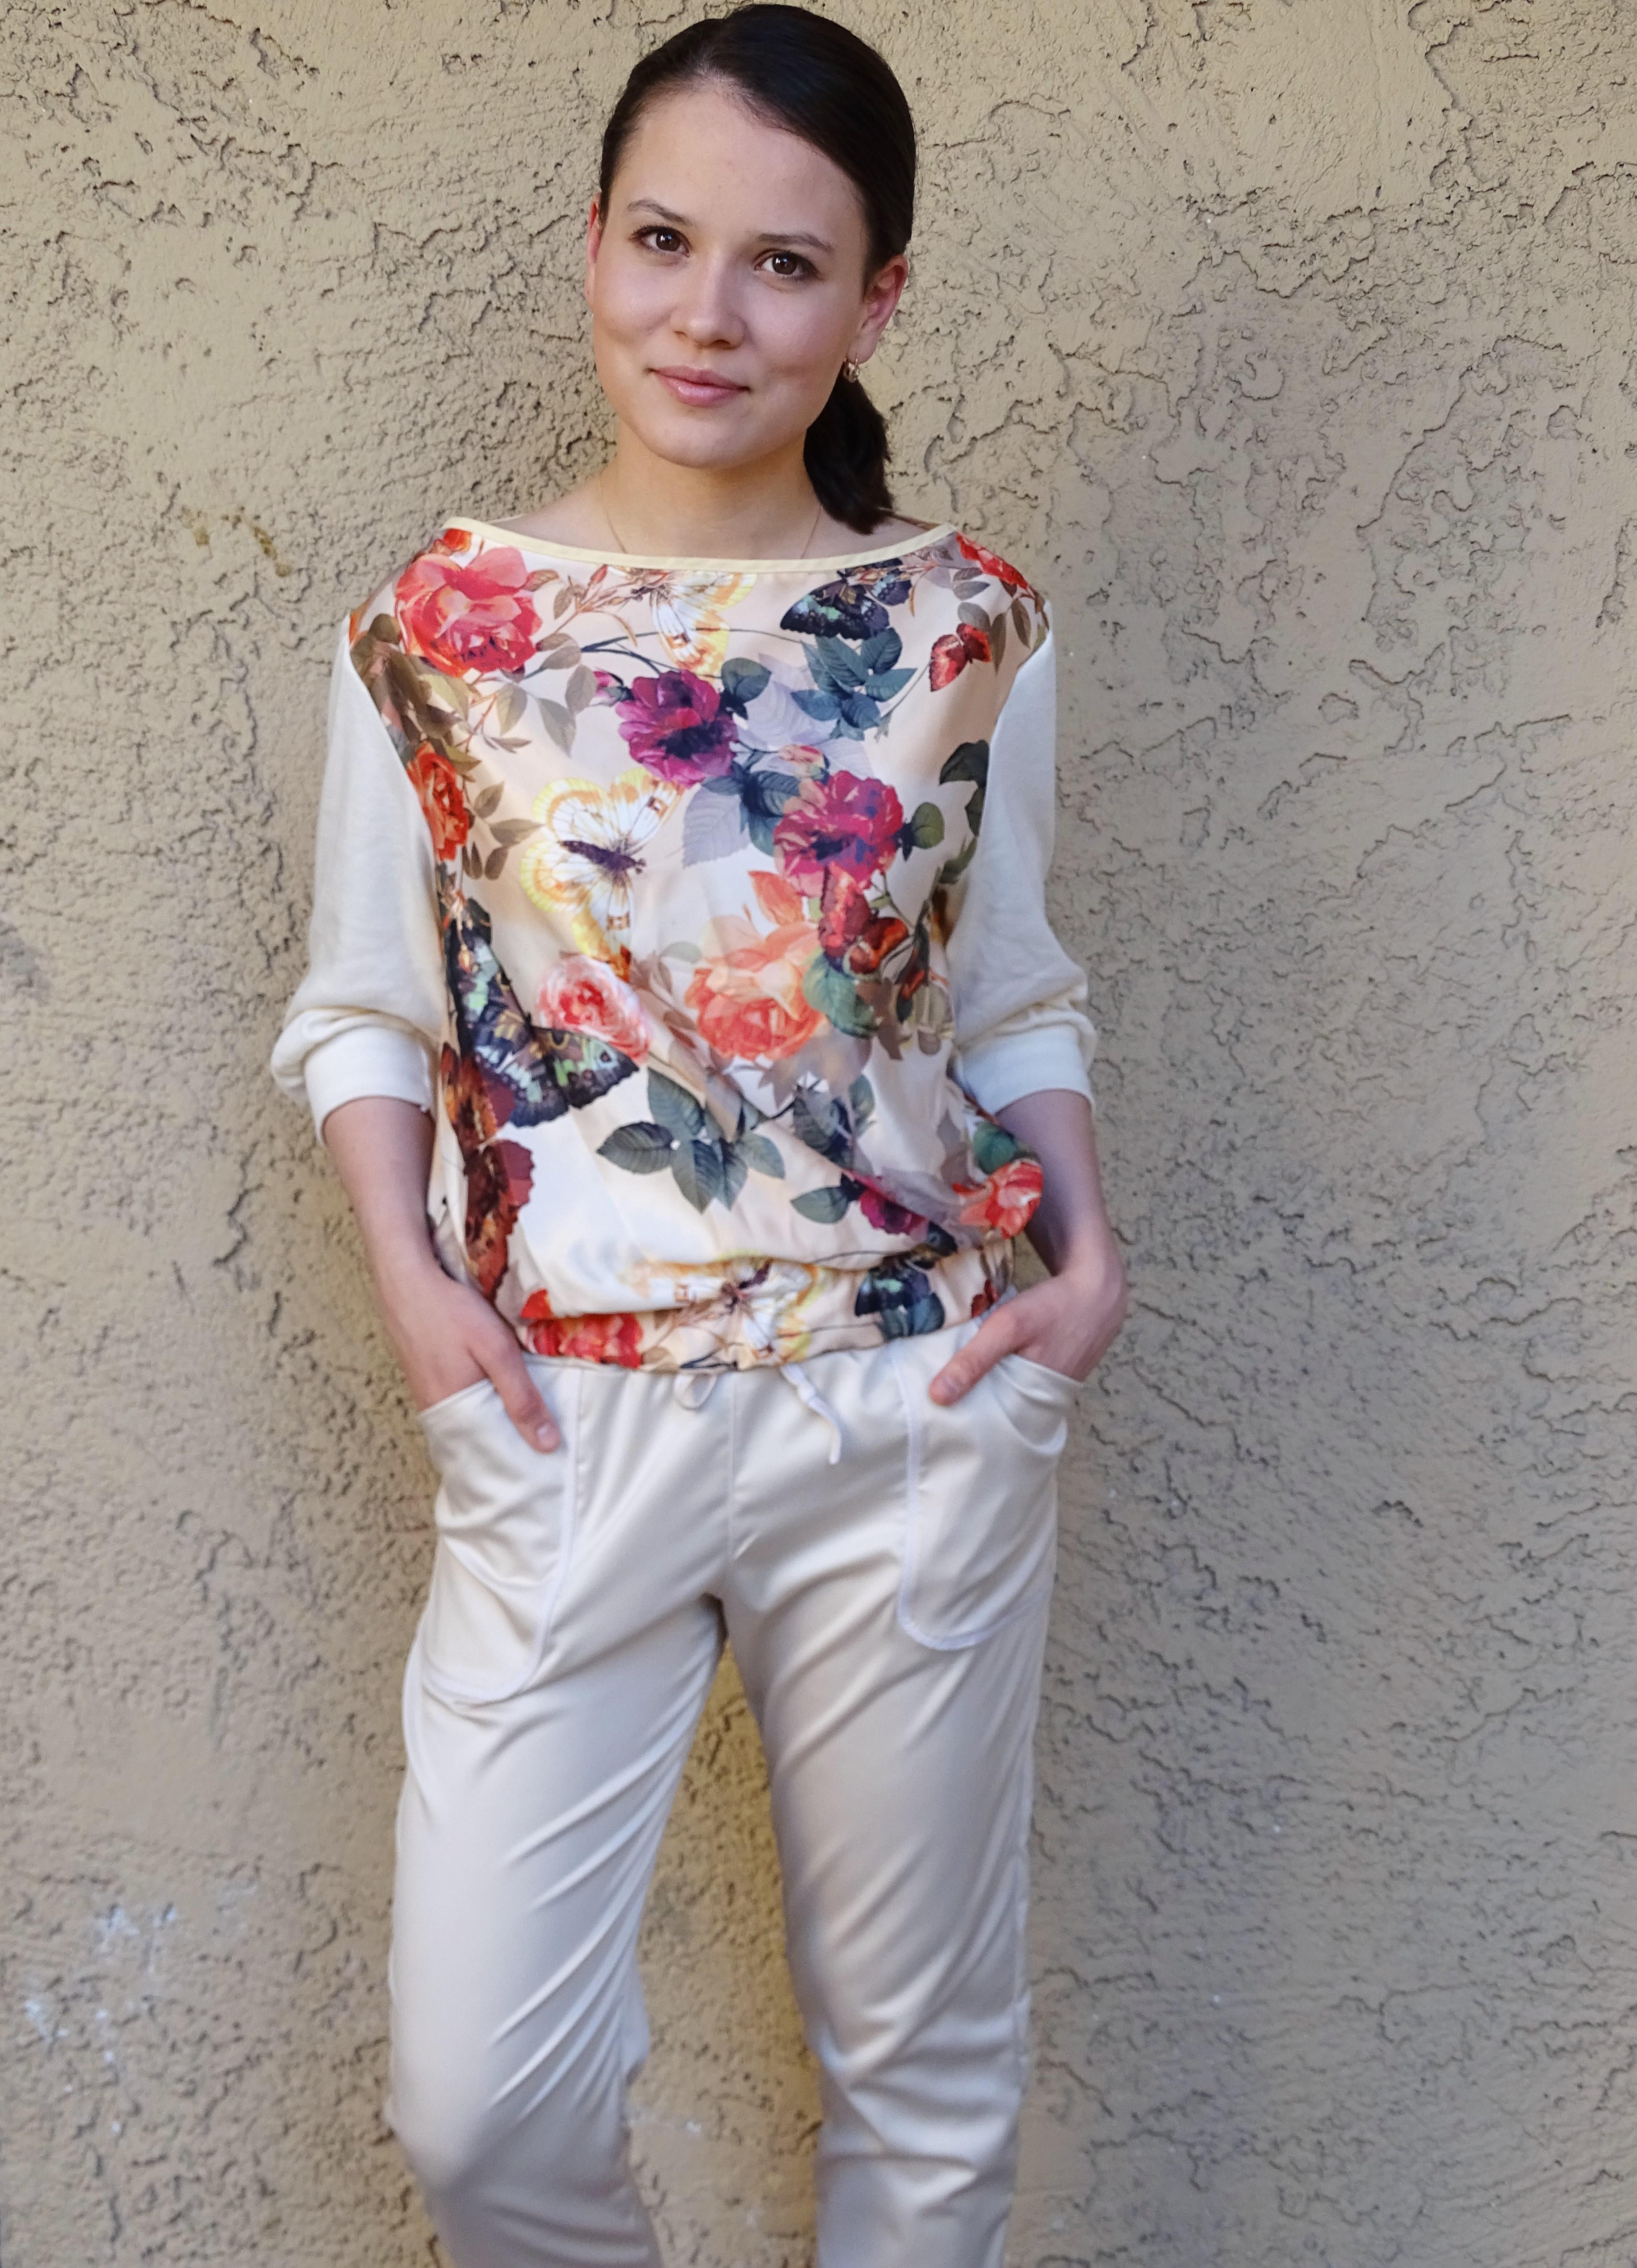 Moji pants - beige and floral